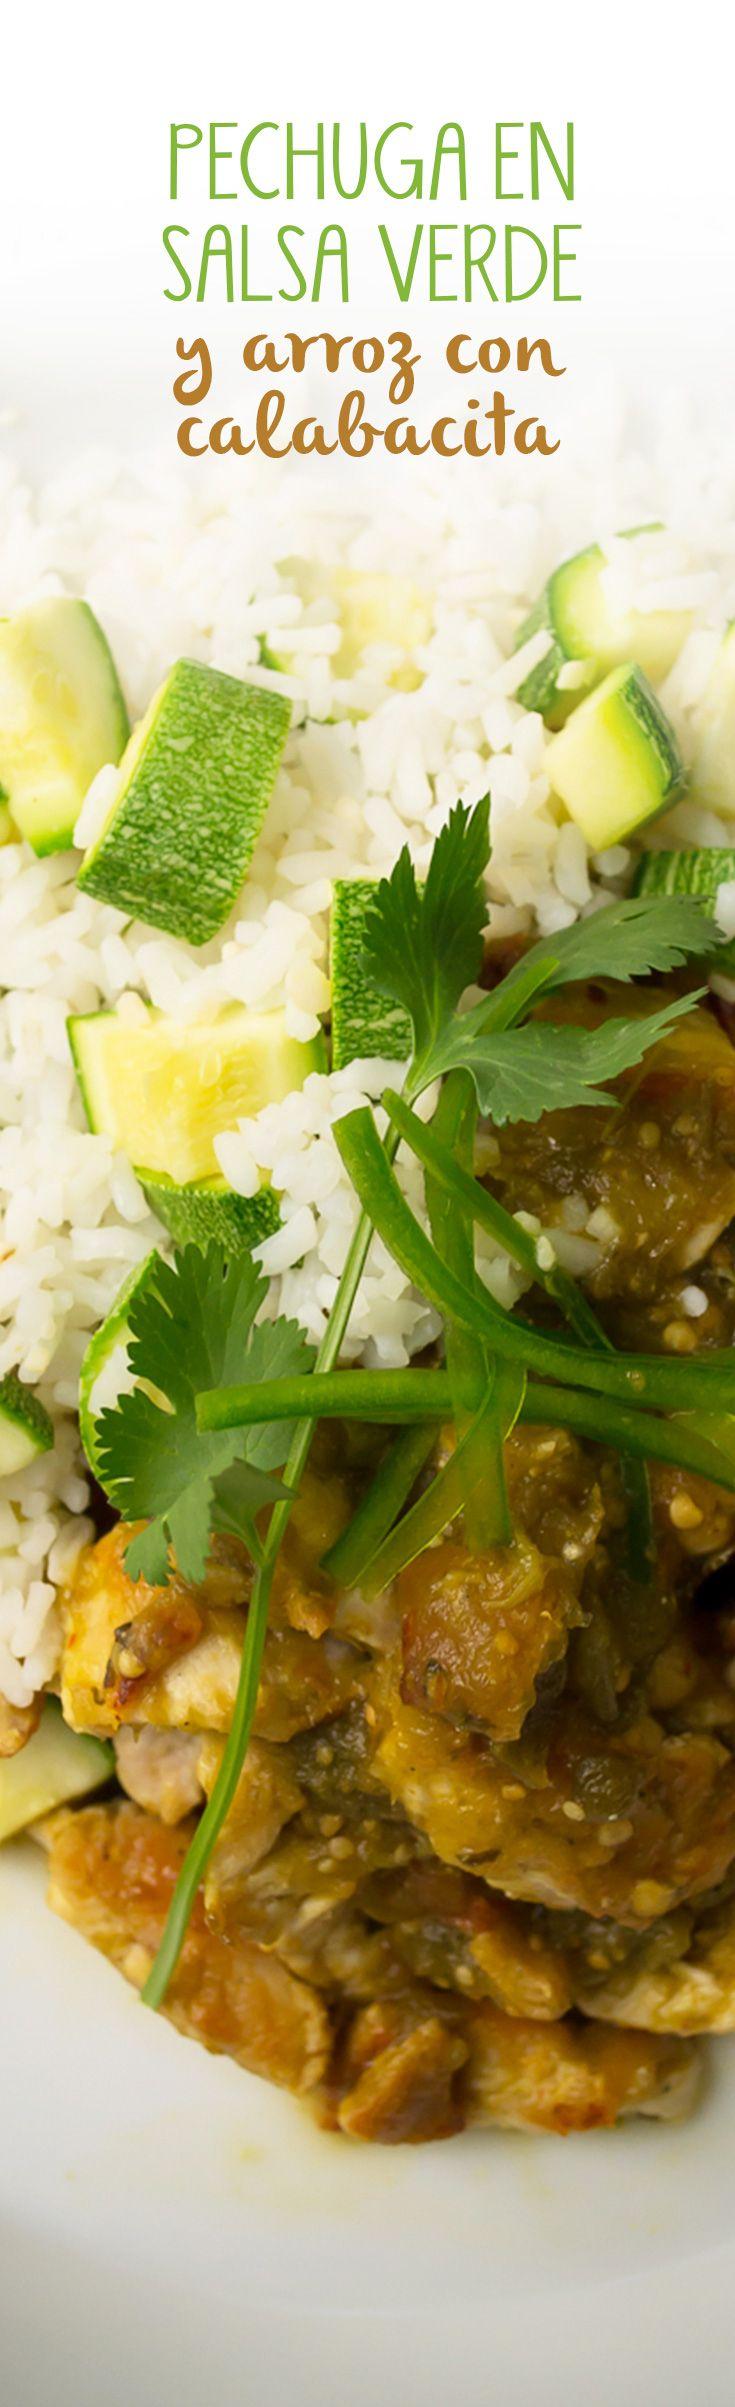 Día 4 del #RetoKiwlimón: nos encantan las recetas caseras, por eso incluimos este pollo en salsa verde bajo en grasas en tu dieta.